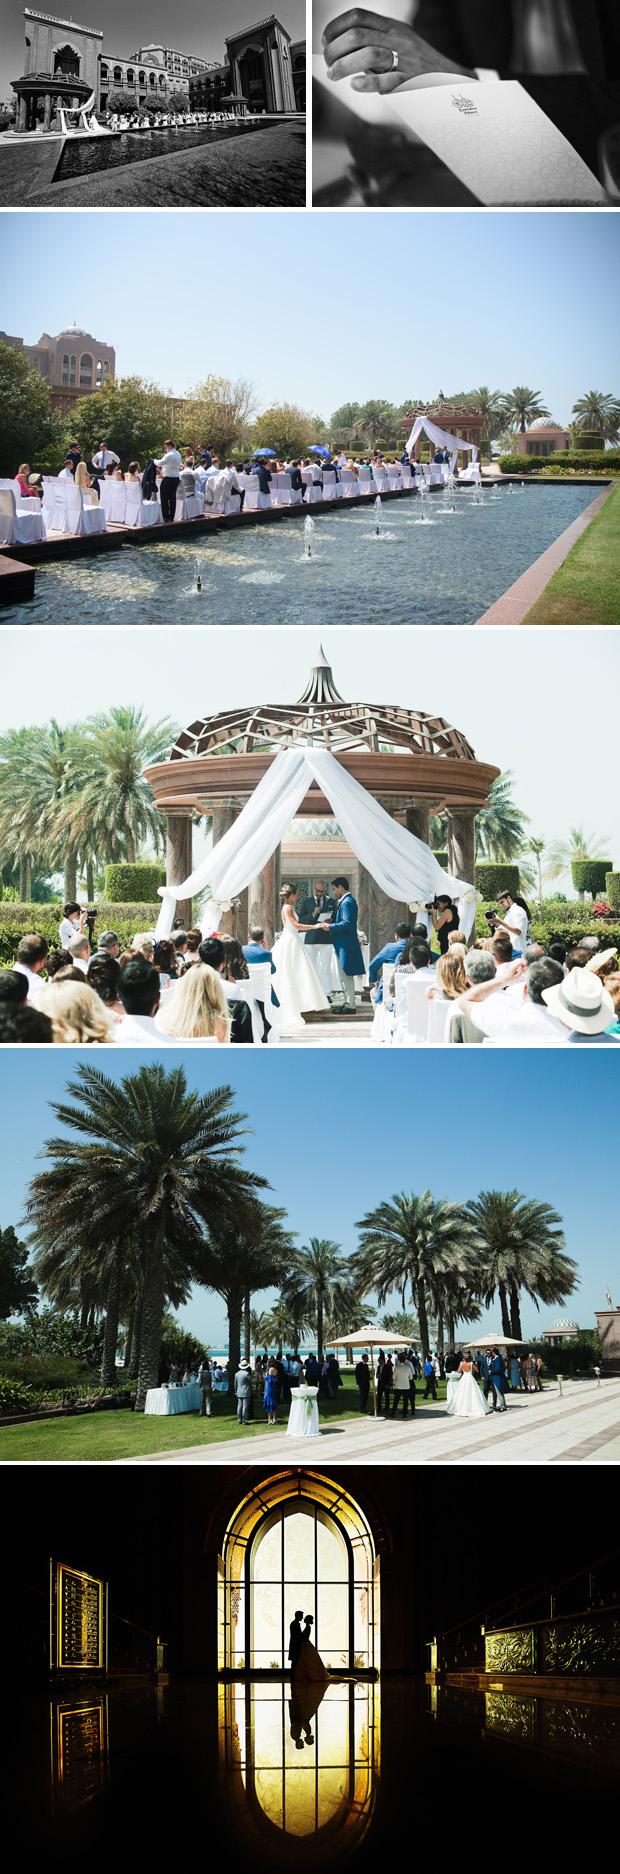 Emirates Palace Abu Dhabi Wedding Venue